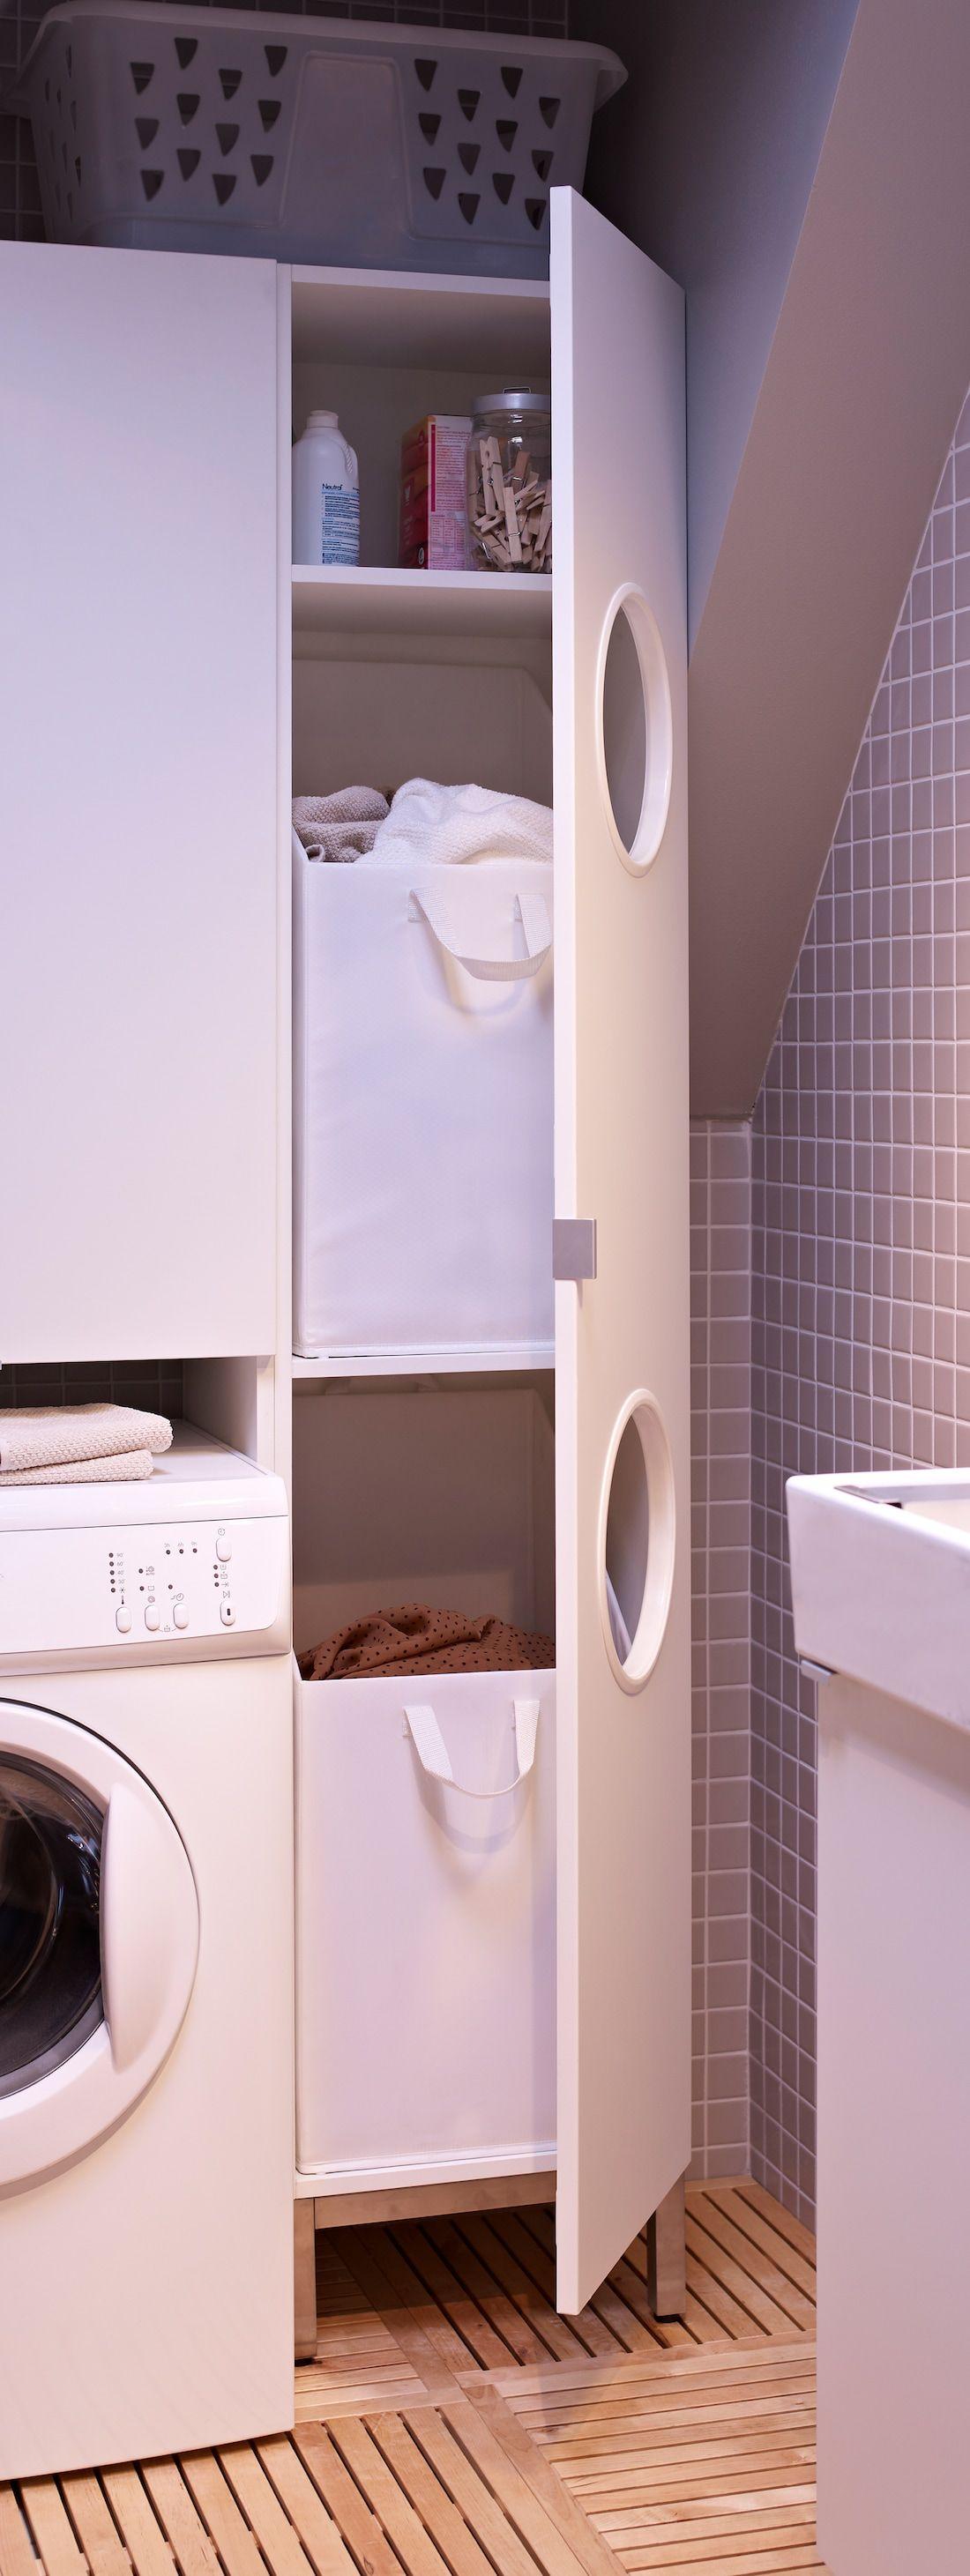 Badmobel Wasche Trocknen Aufraumen In 2020 Ikea